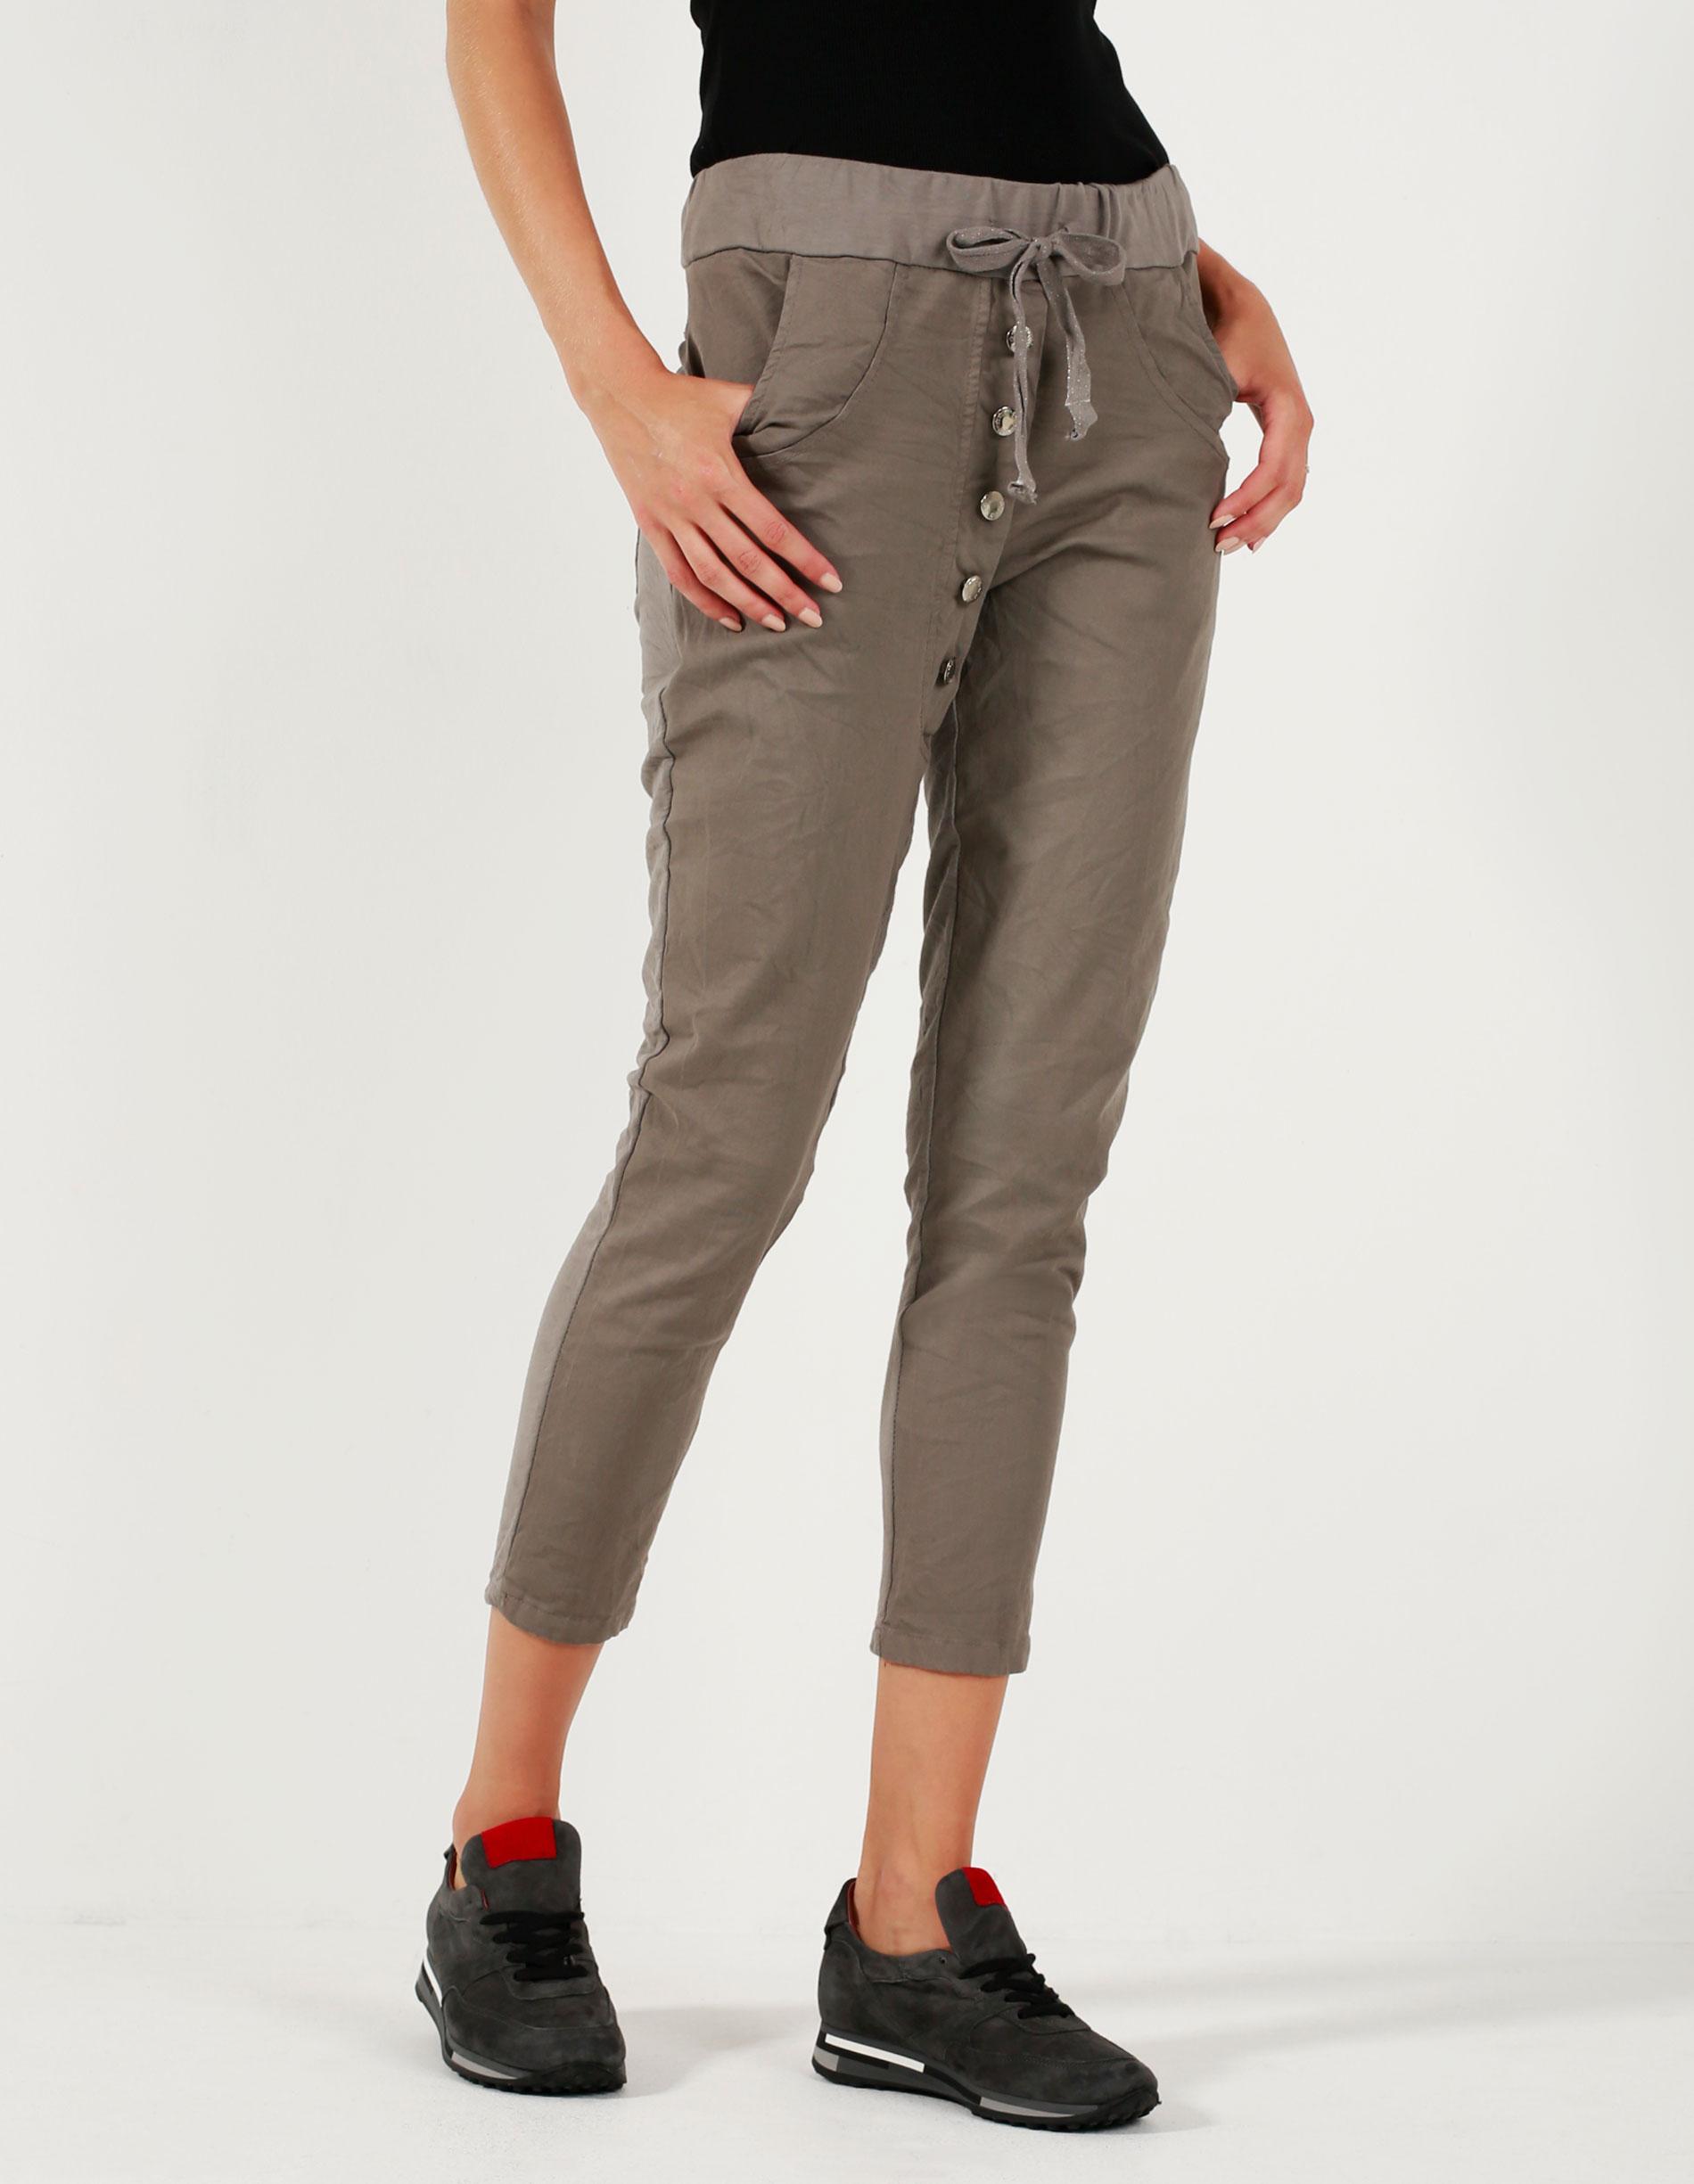 Spodnie - 155-6232 FANG - Unisono